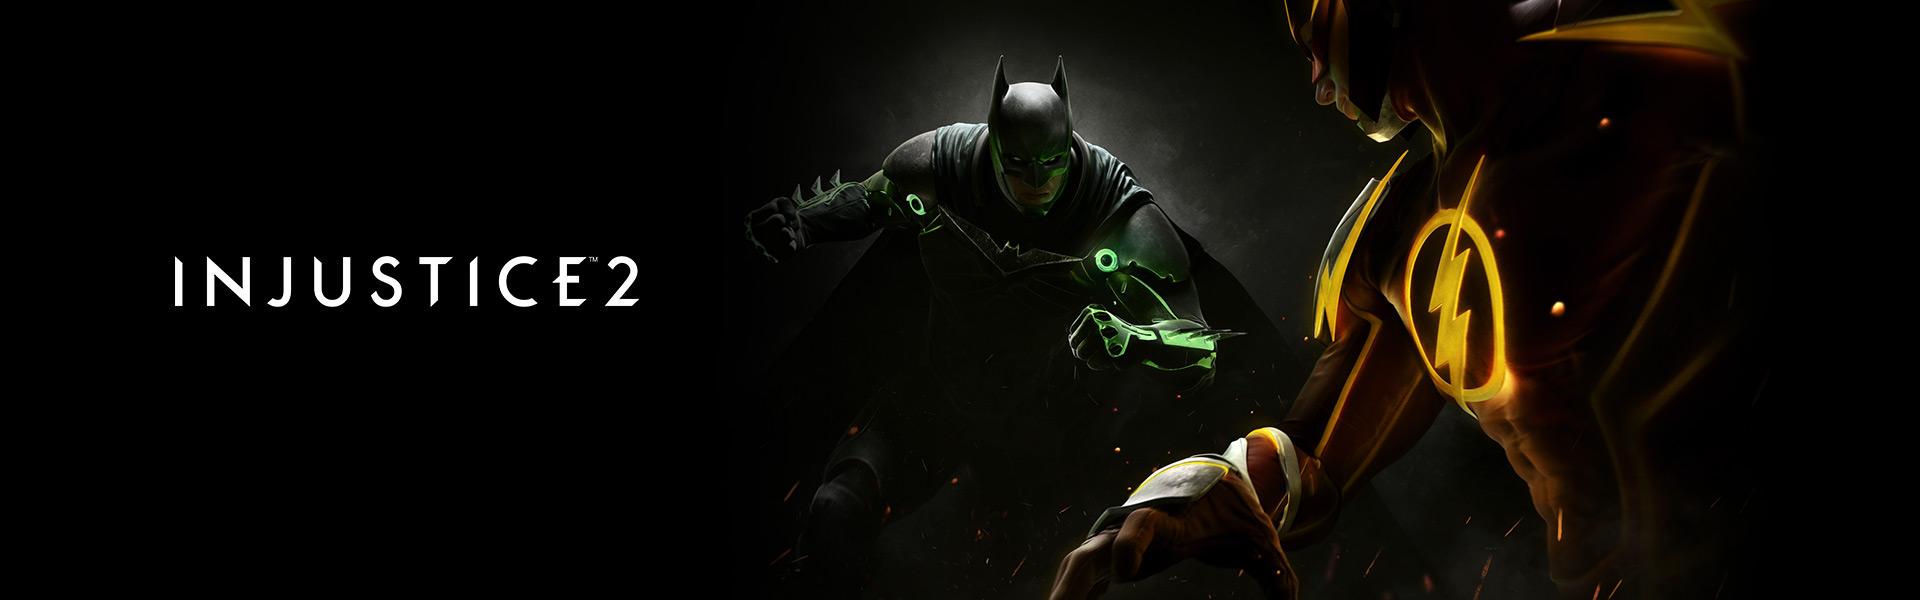 Injustice 2, mørkt billede af Batman og The Flash, der står klar til at bekæmpe hinanden